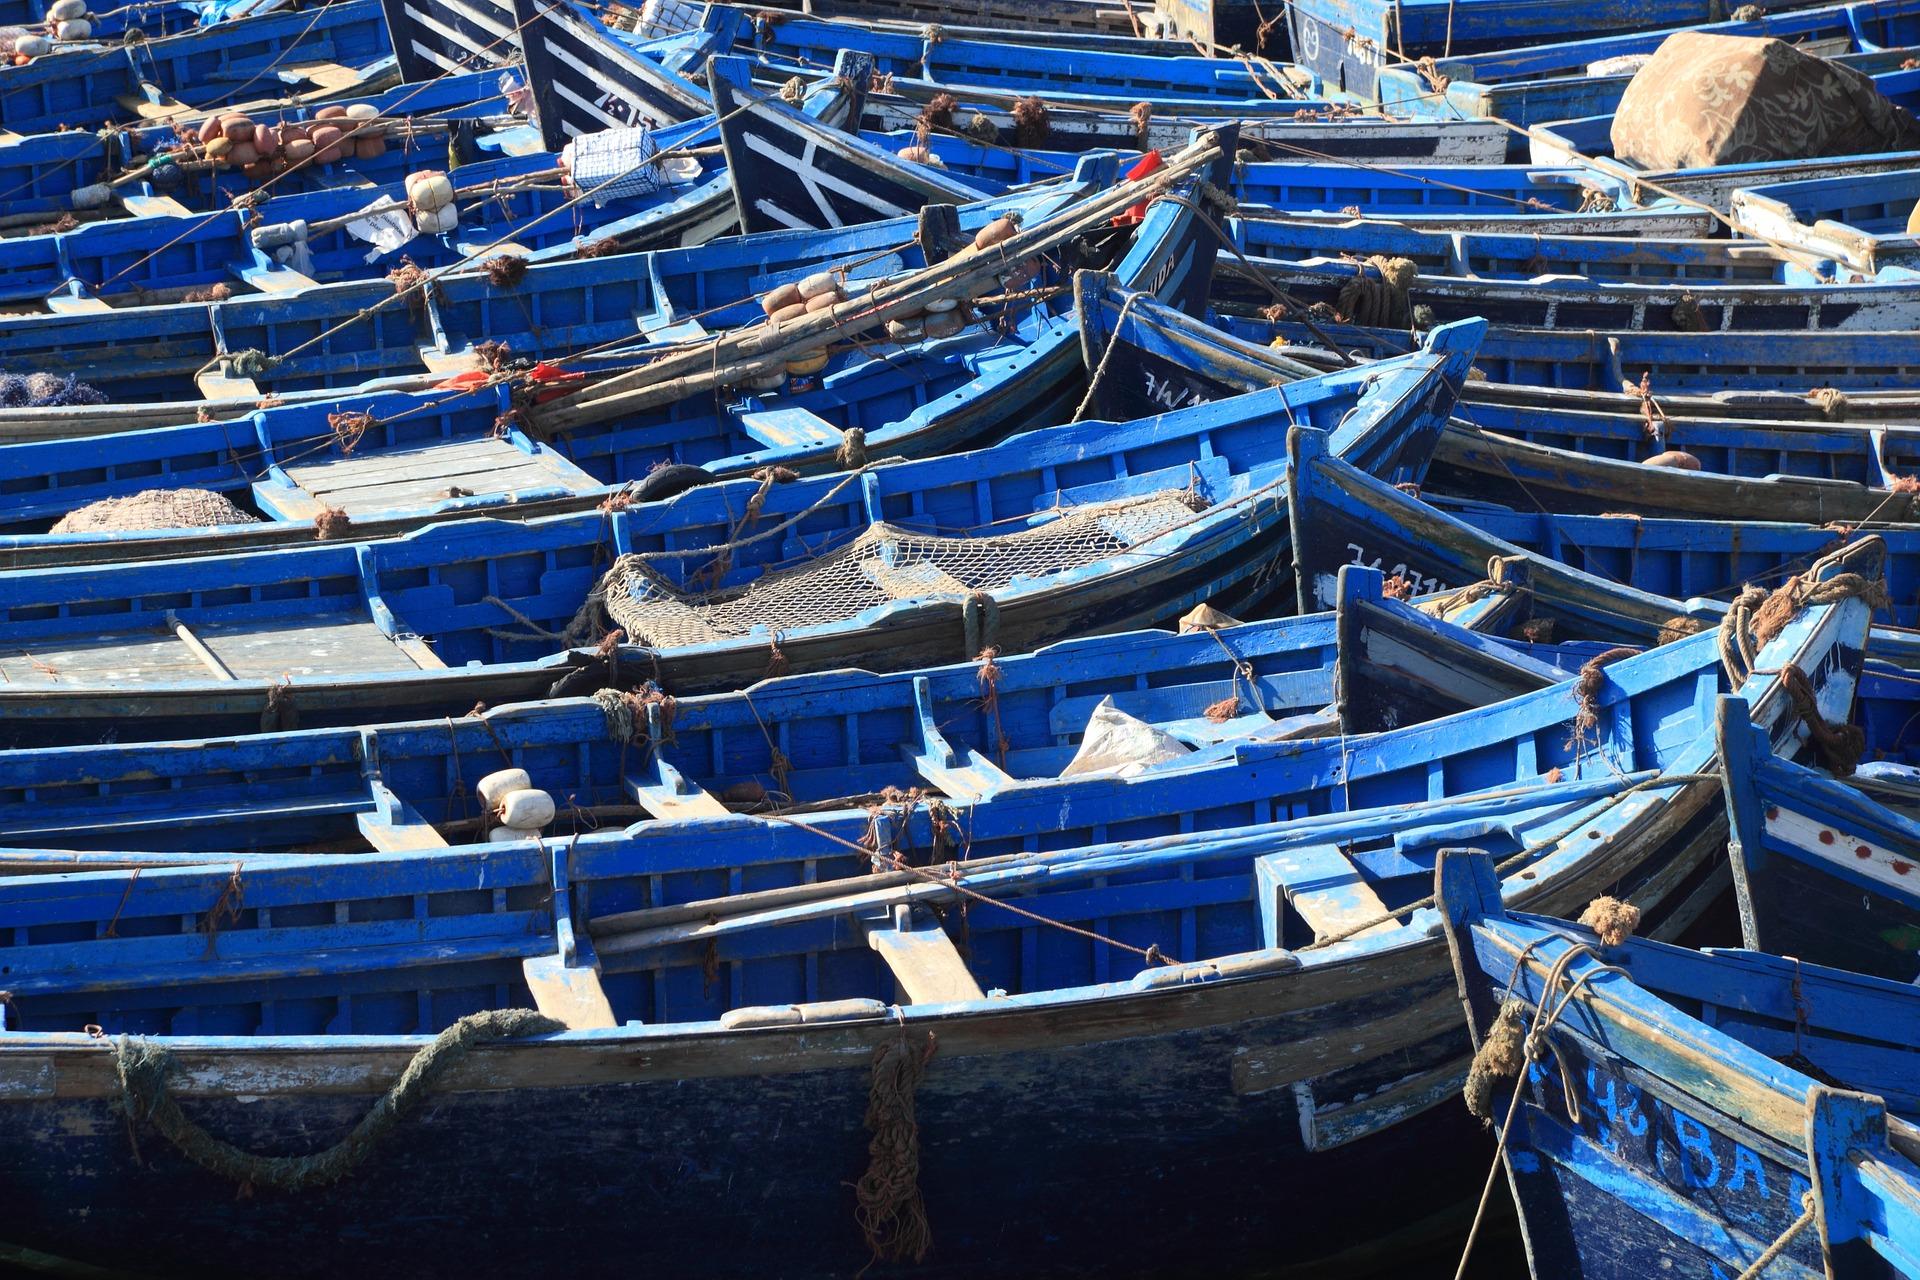 essaouira-morocco-1349846_1920